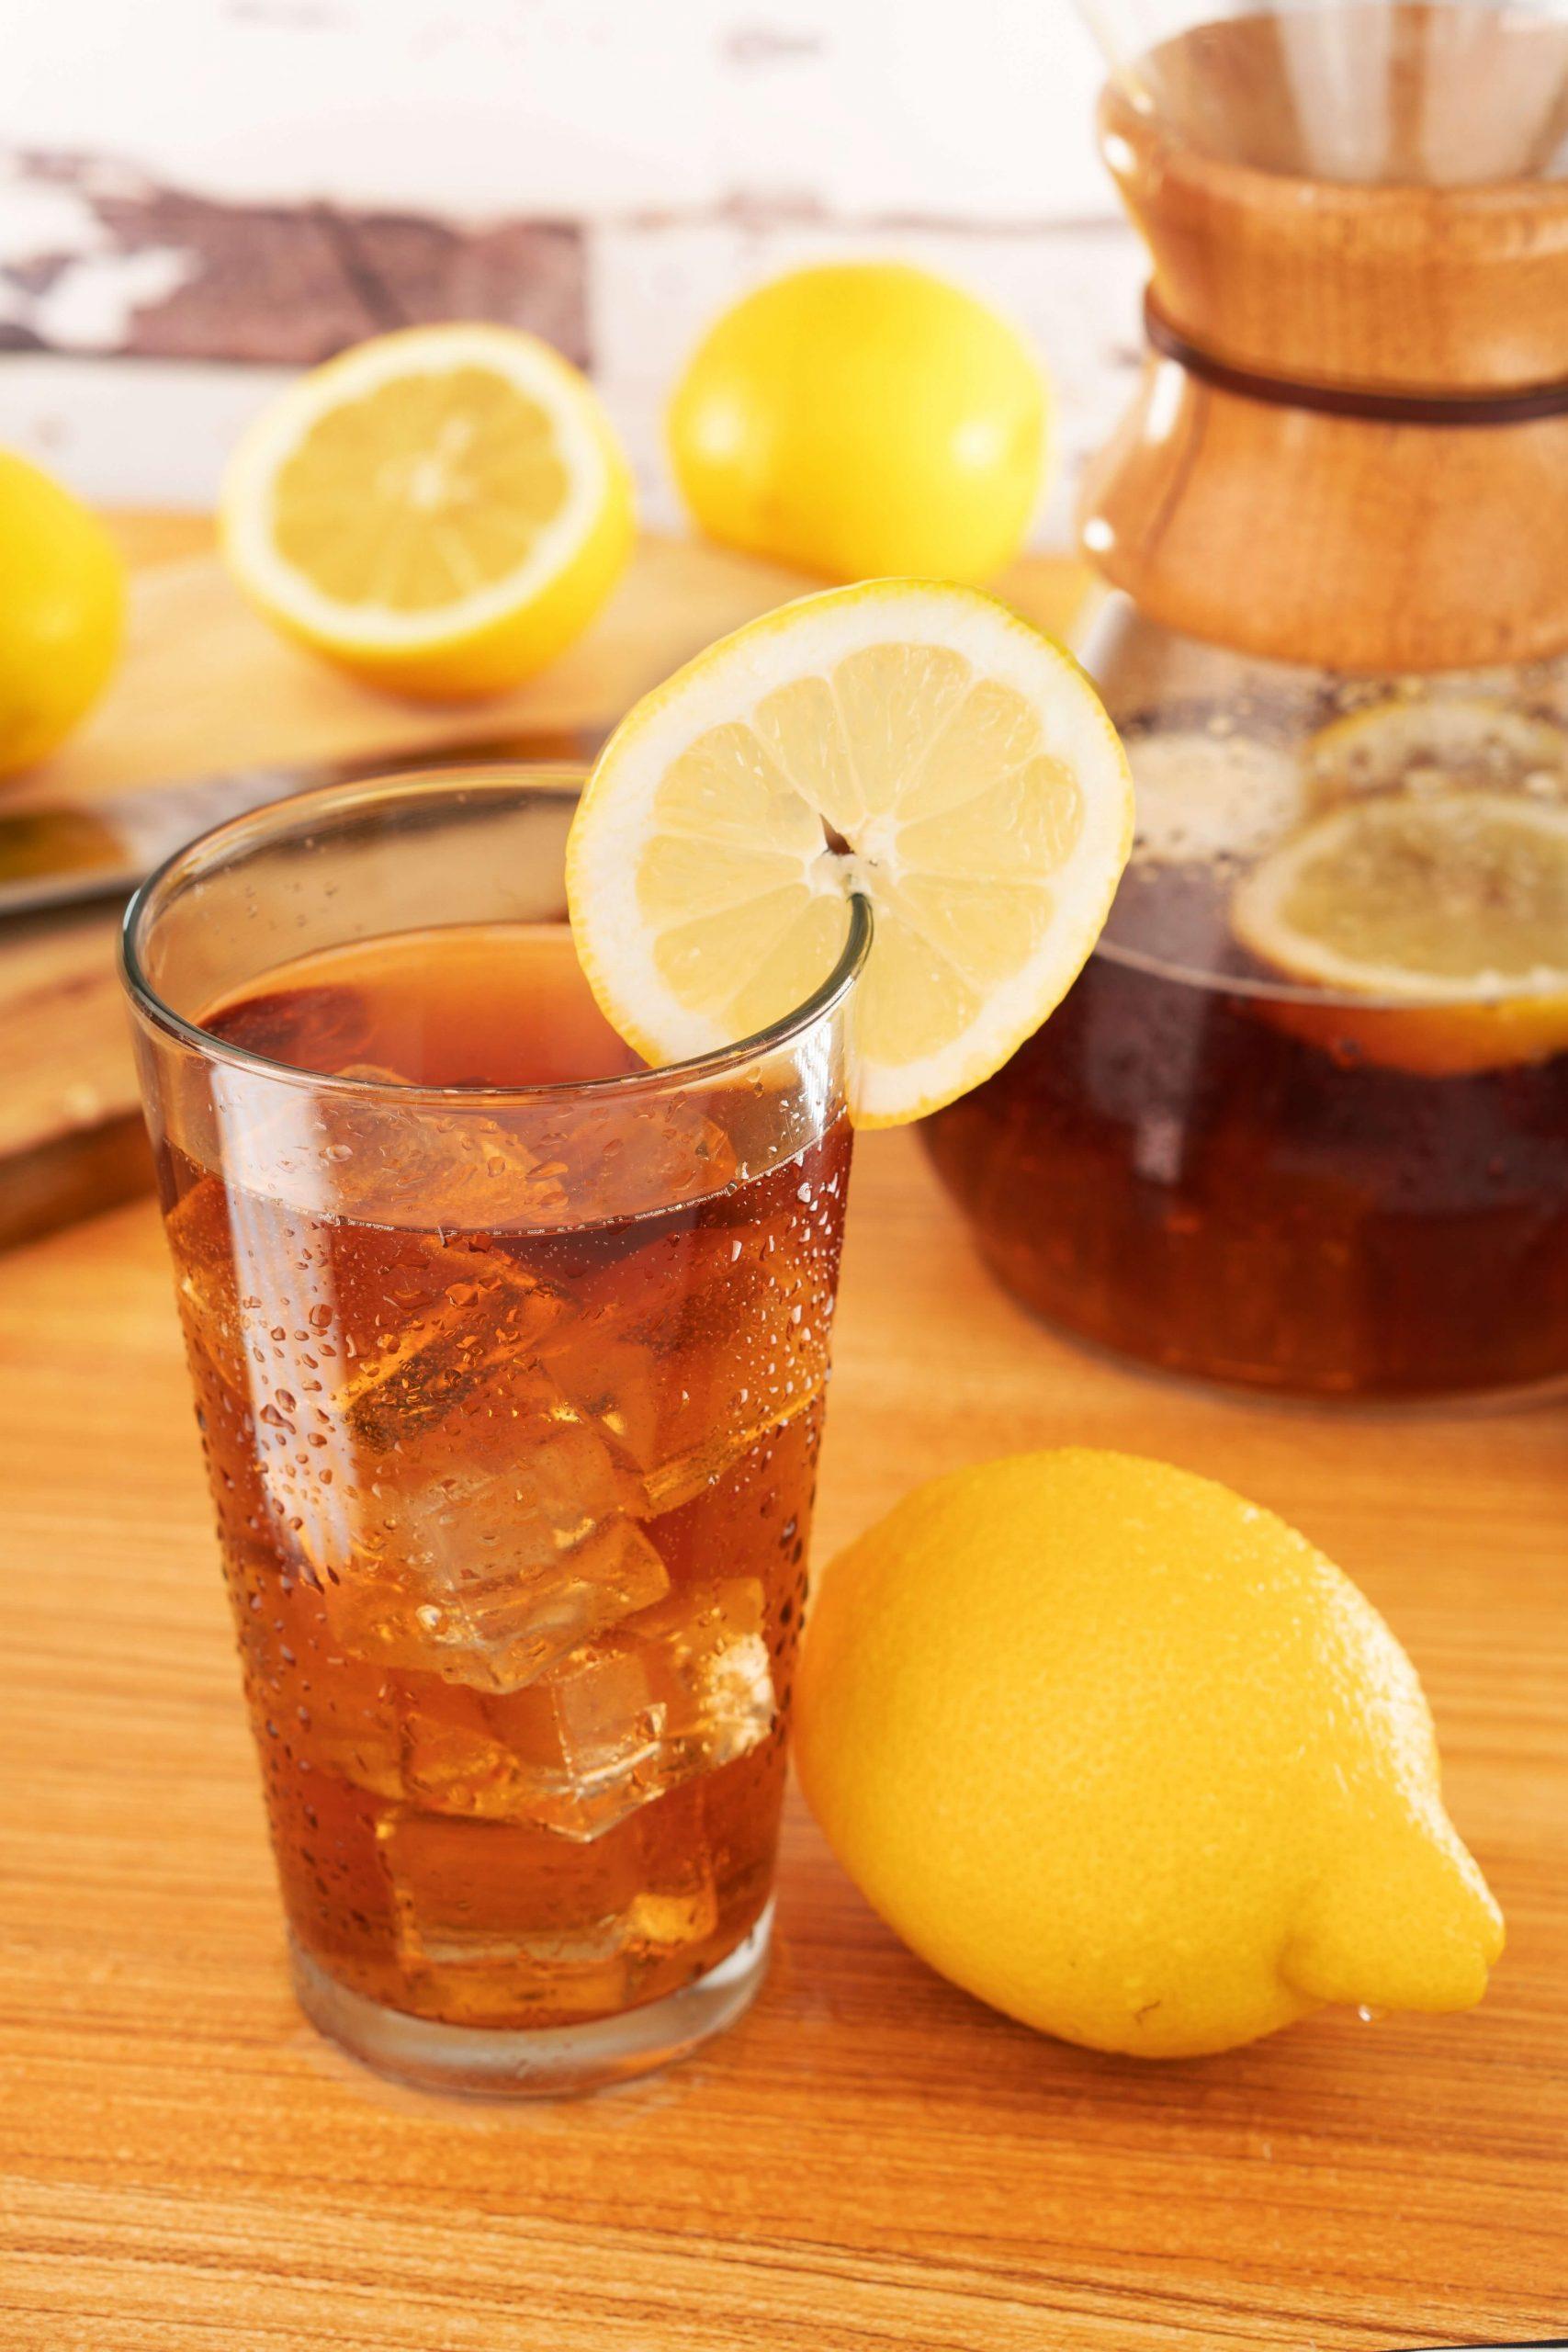 Madal-Bal-naravni-drevesni-sirup-javor-limonina-prečiščevalna-dieta-javor-palma-sirup